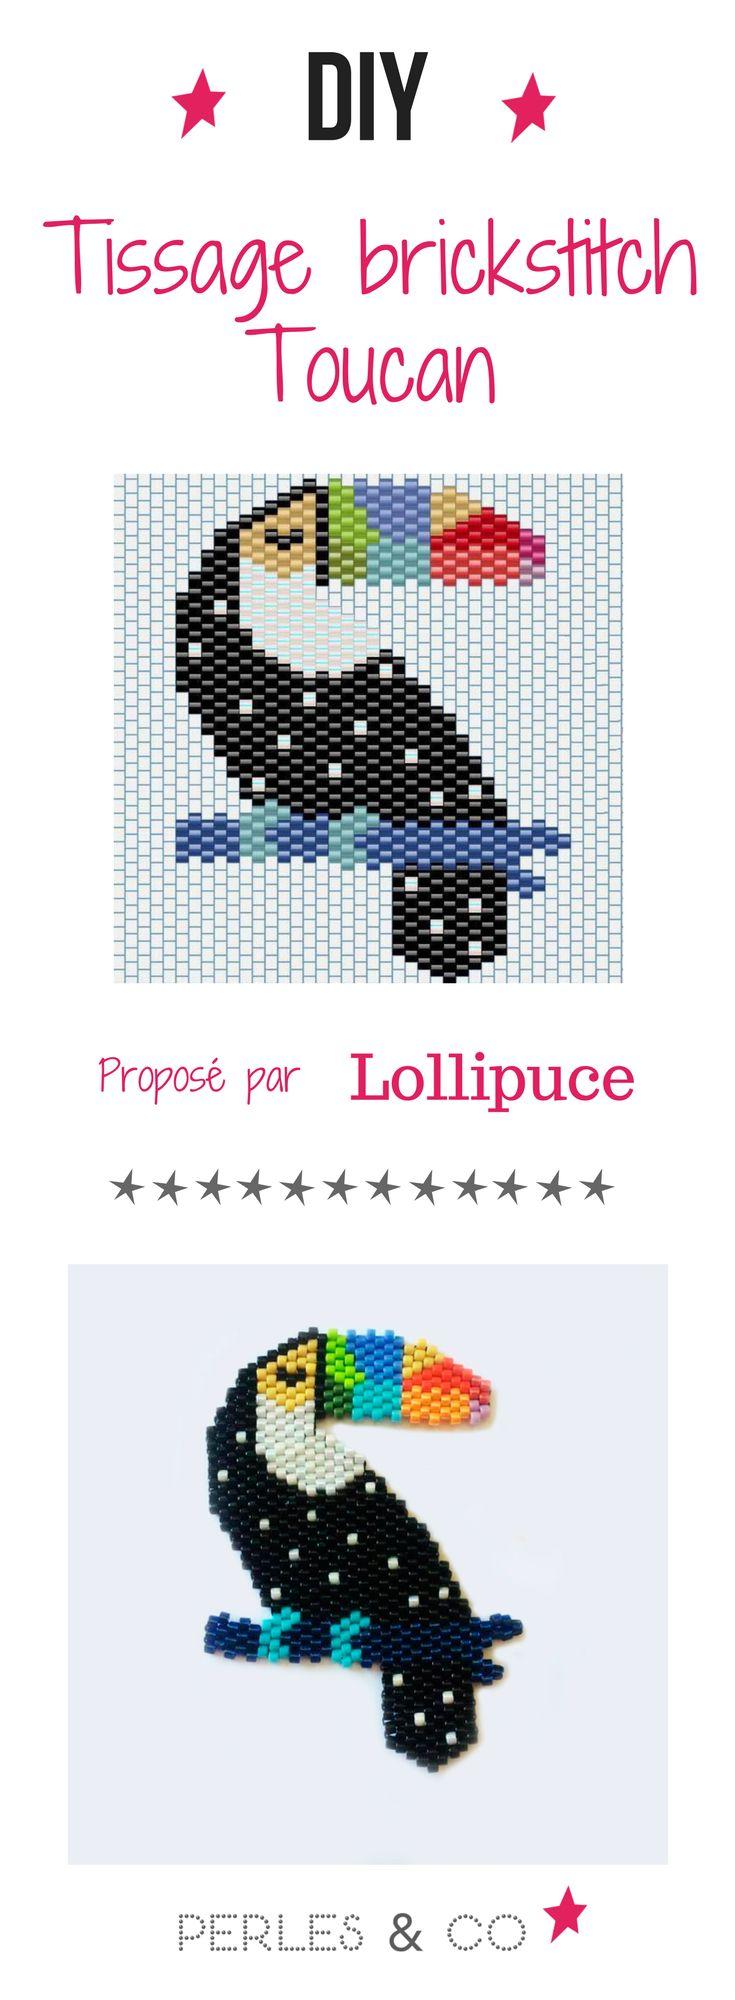 On adore le toucan de @Lollipuce ! Apprenez à le tisser en brick stitch avec la grille de tissage sur notre site...